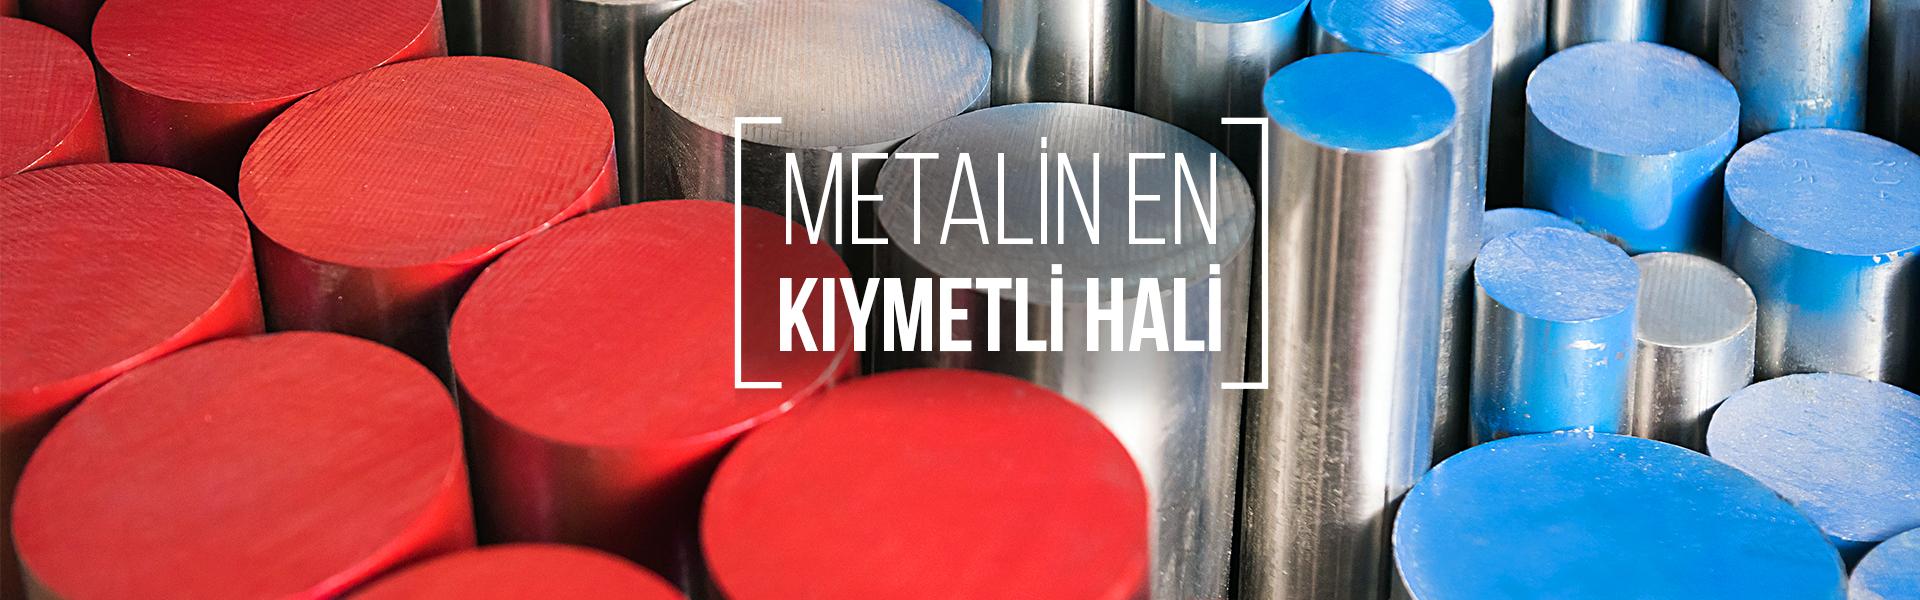 Metalin en Kıymetli Hali